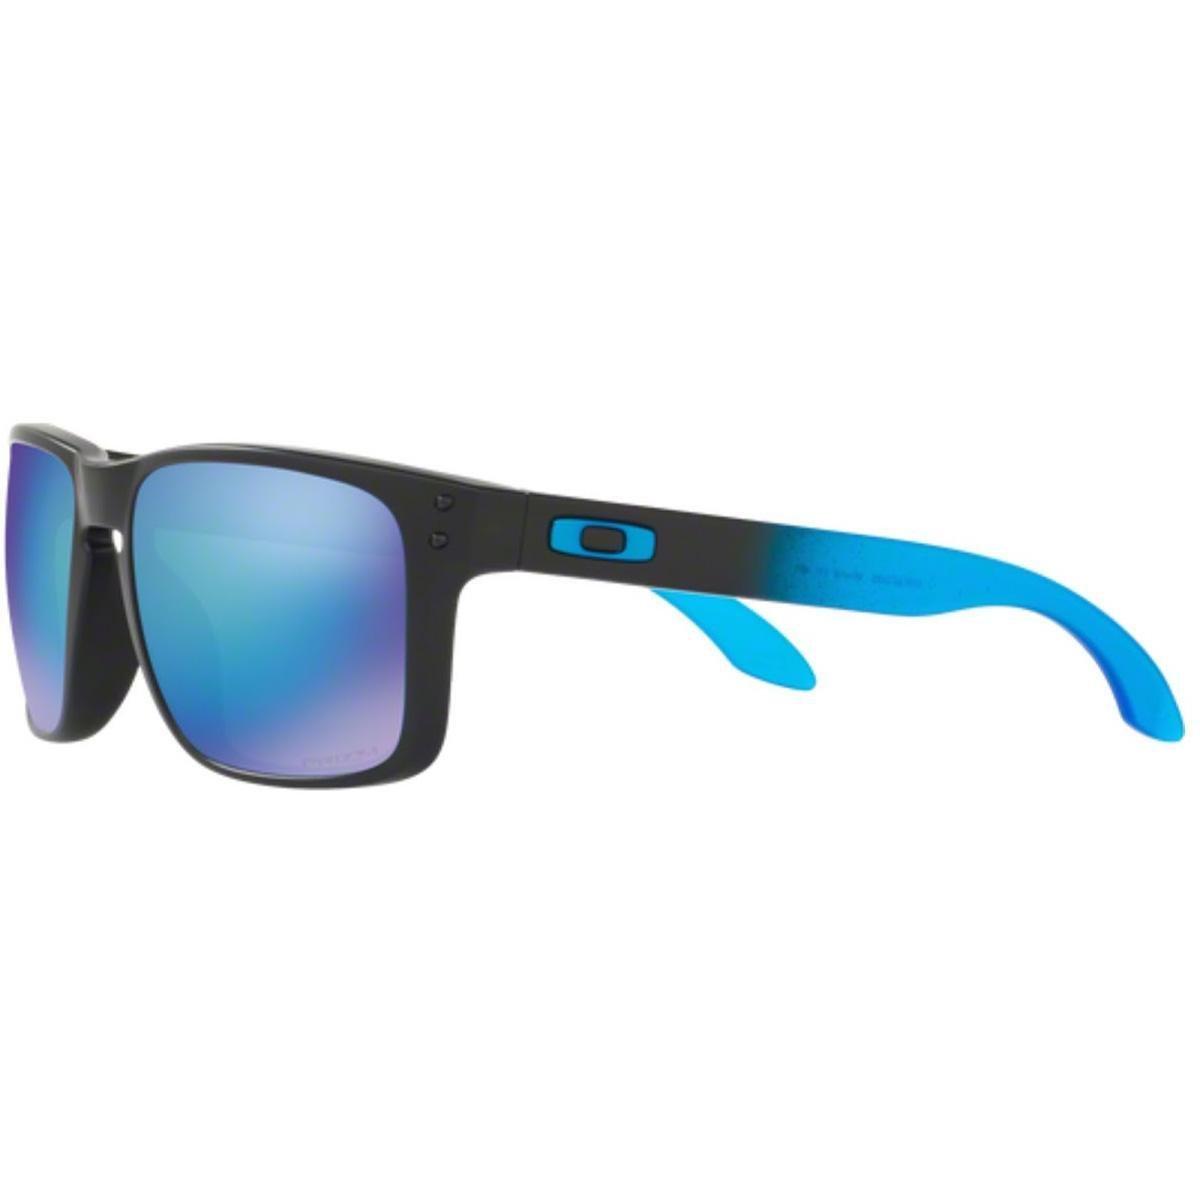 Óculos Oakley Holbrook Sapphire Fade Prizm - Compre Agora   Netshoes 94685b97bf